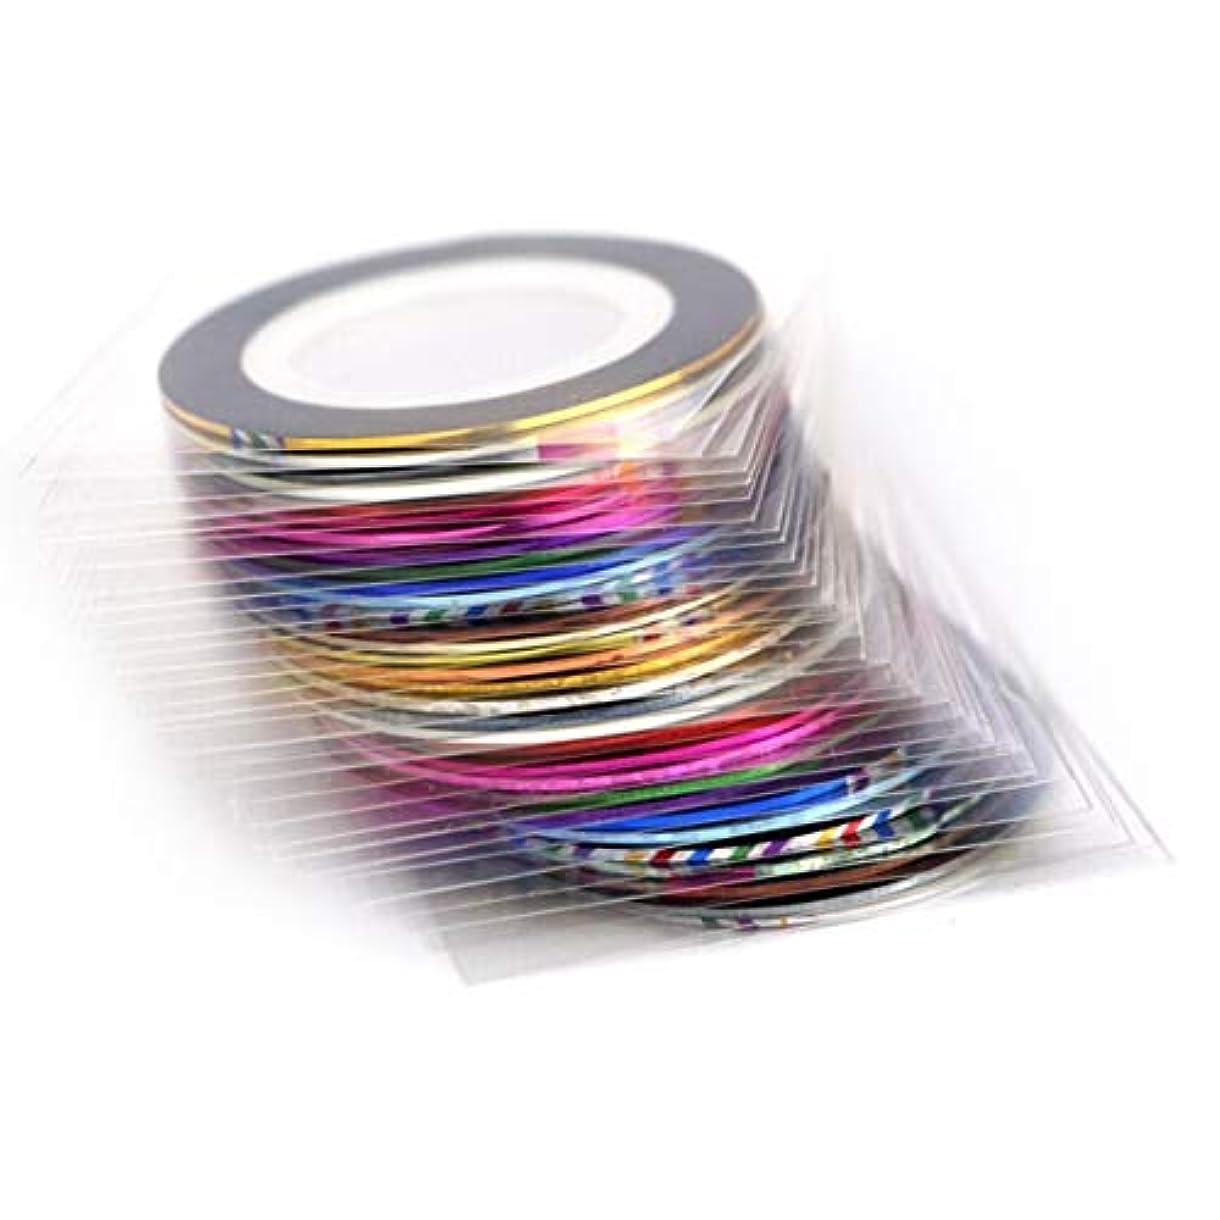 浪費を通して薄いですバードランタンネイルゴールドスレッドペースト色付きドローイングライン接着テープネイルステッカー10色20色30色